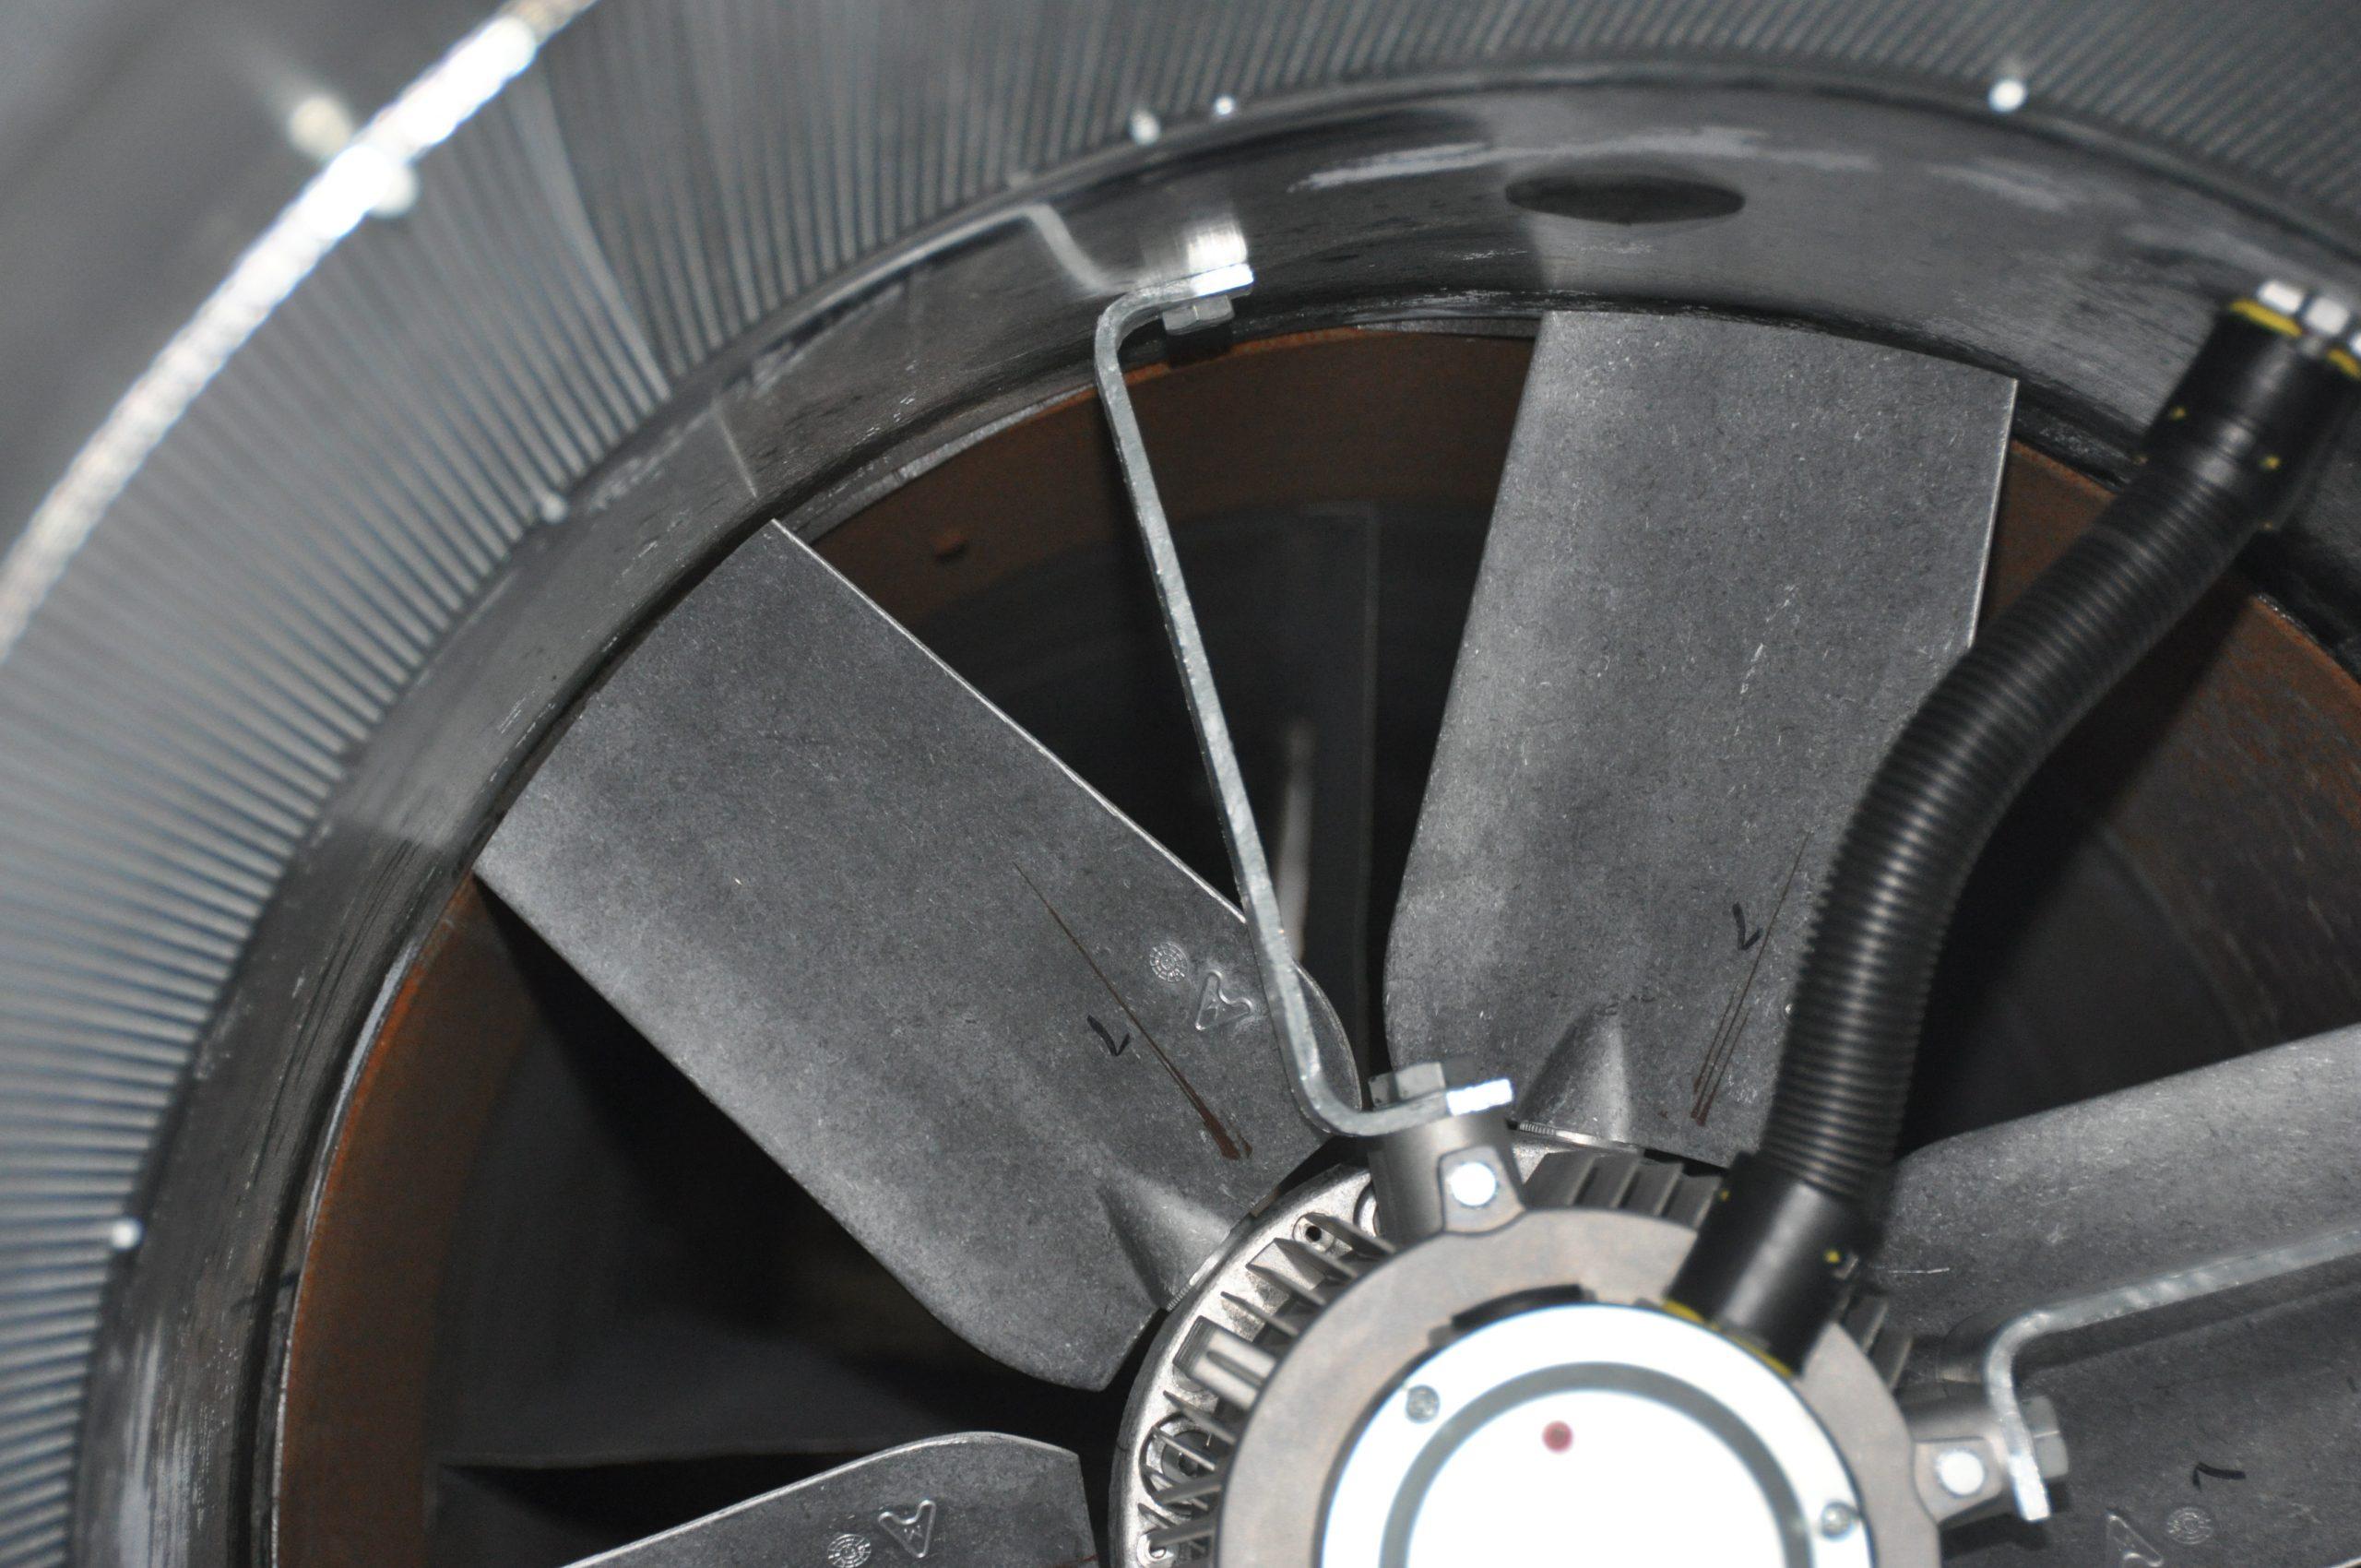 Part View of Test Fan